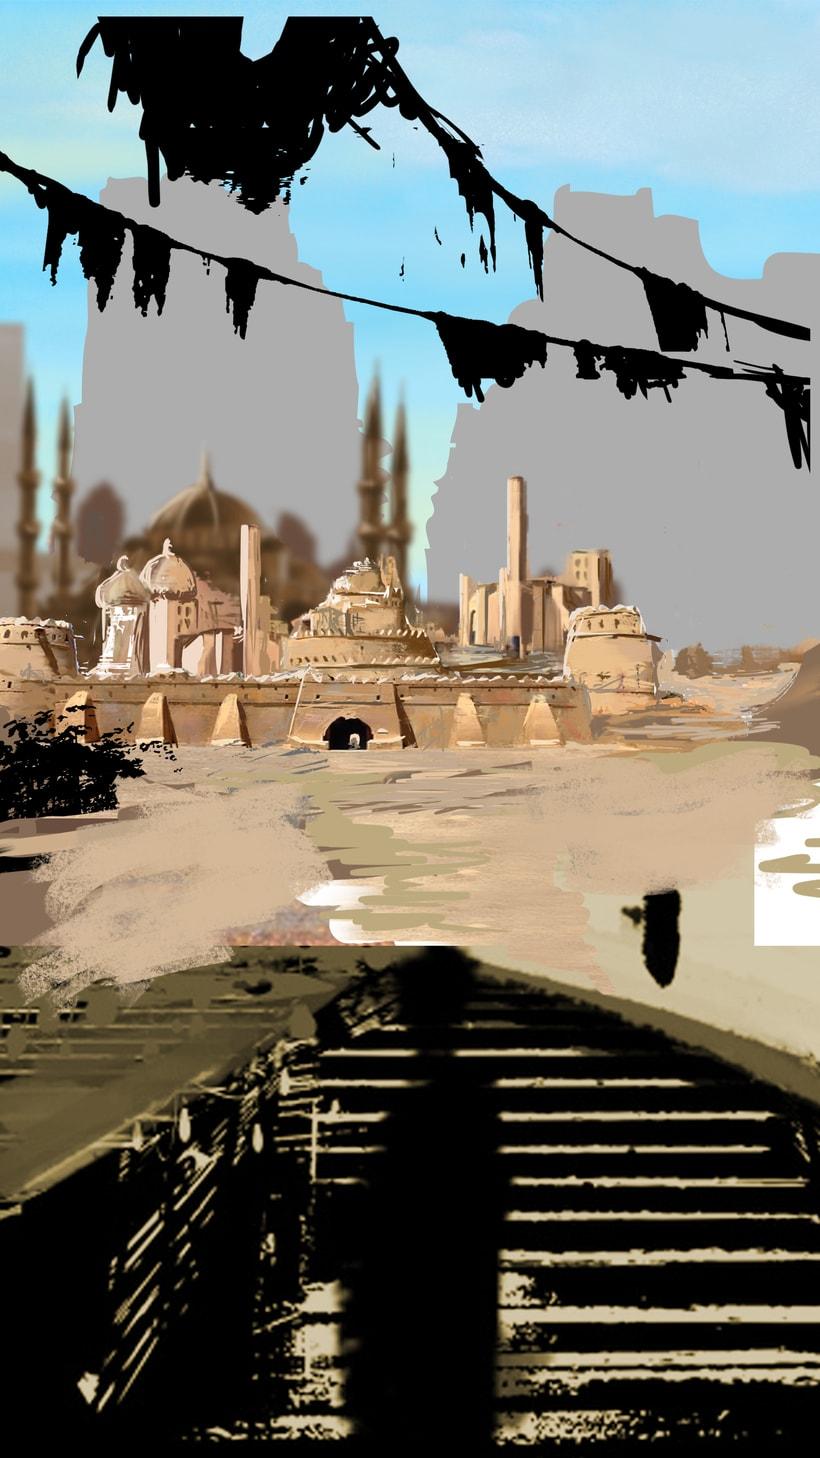 Mi Proyecto del curso: Concept art para videojuegos 7